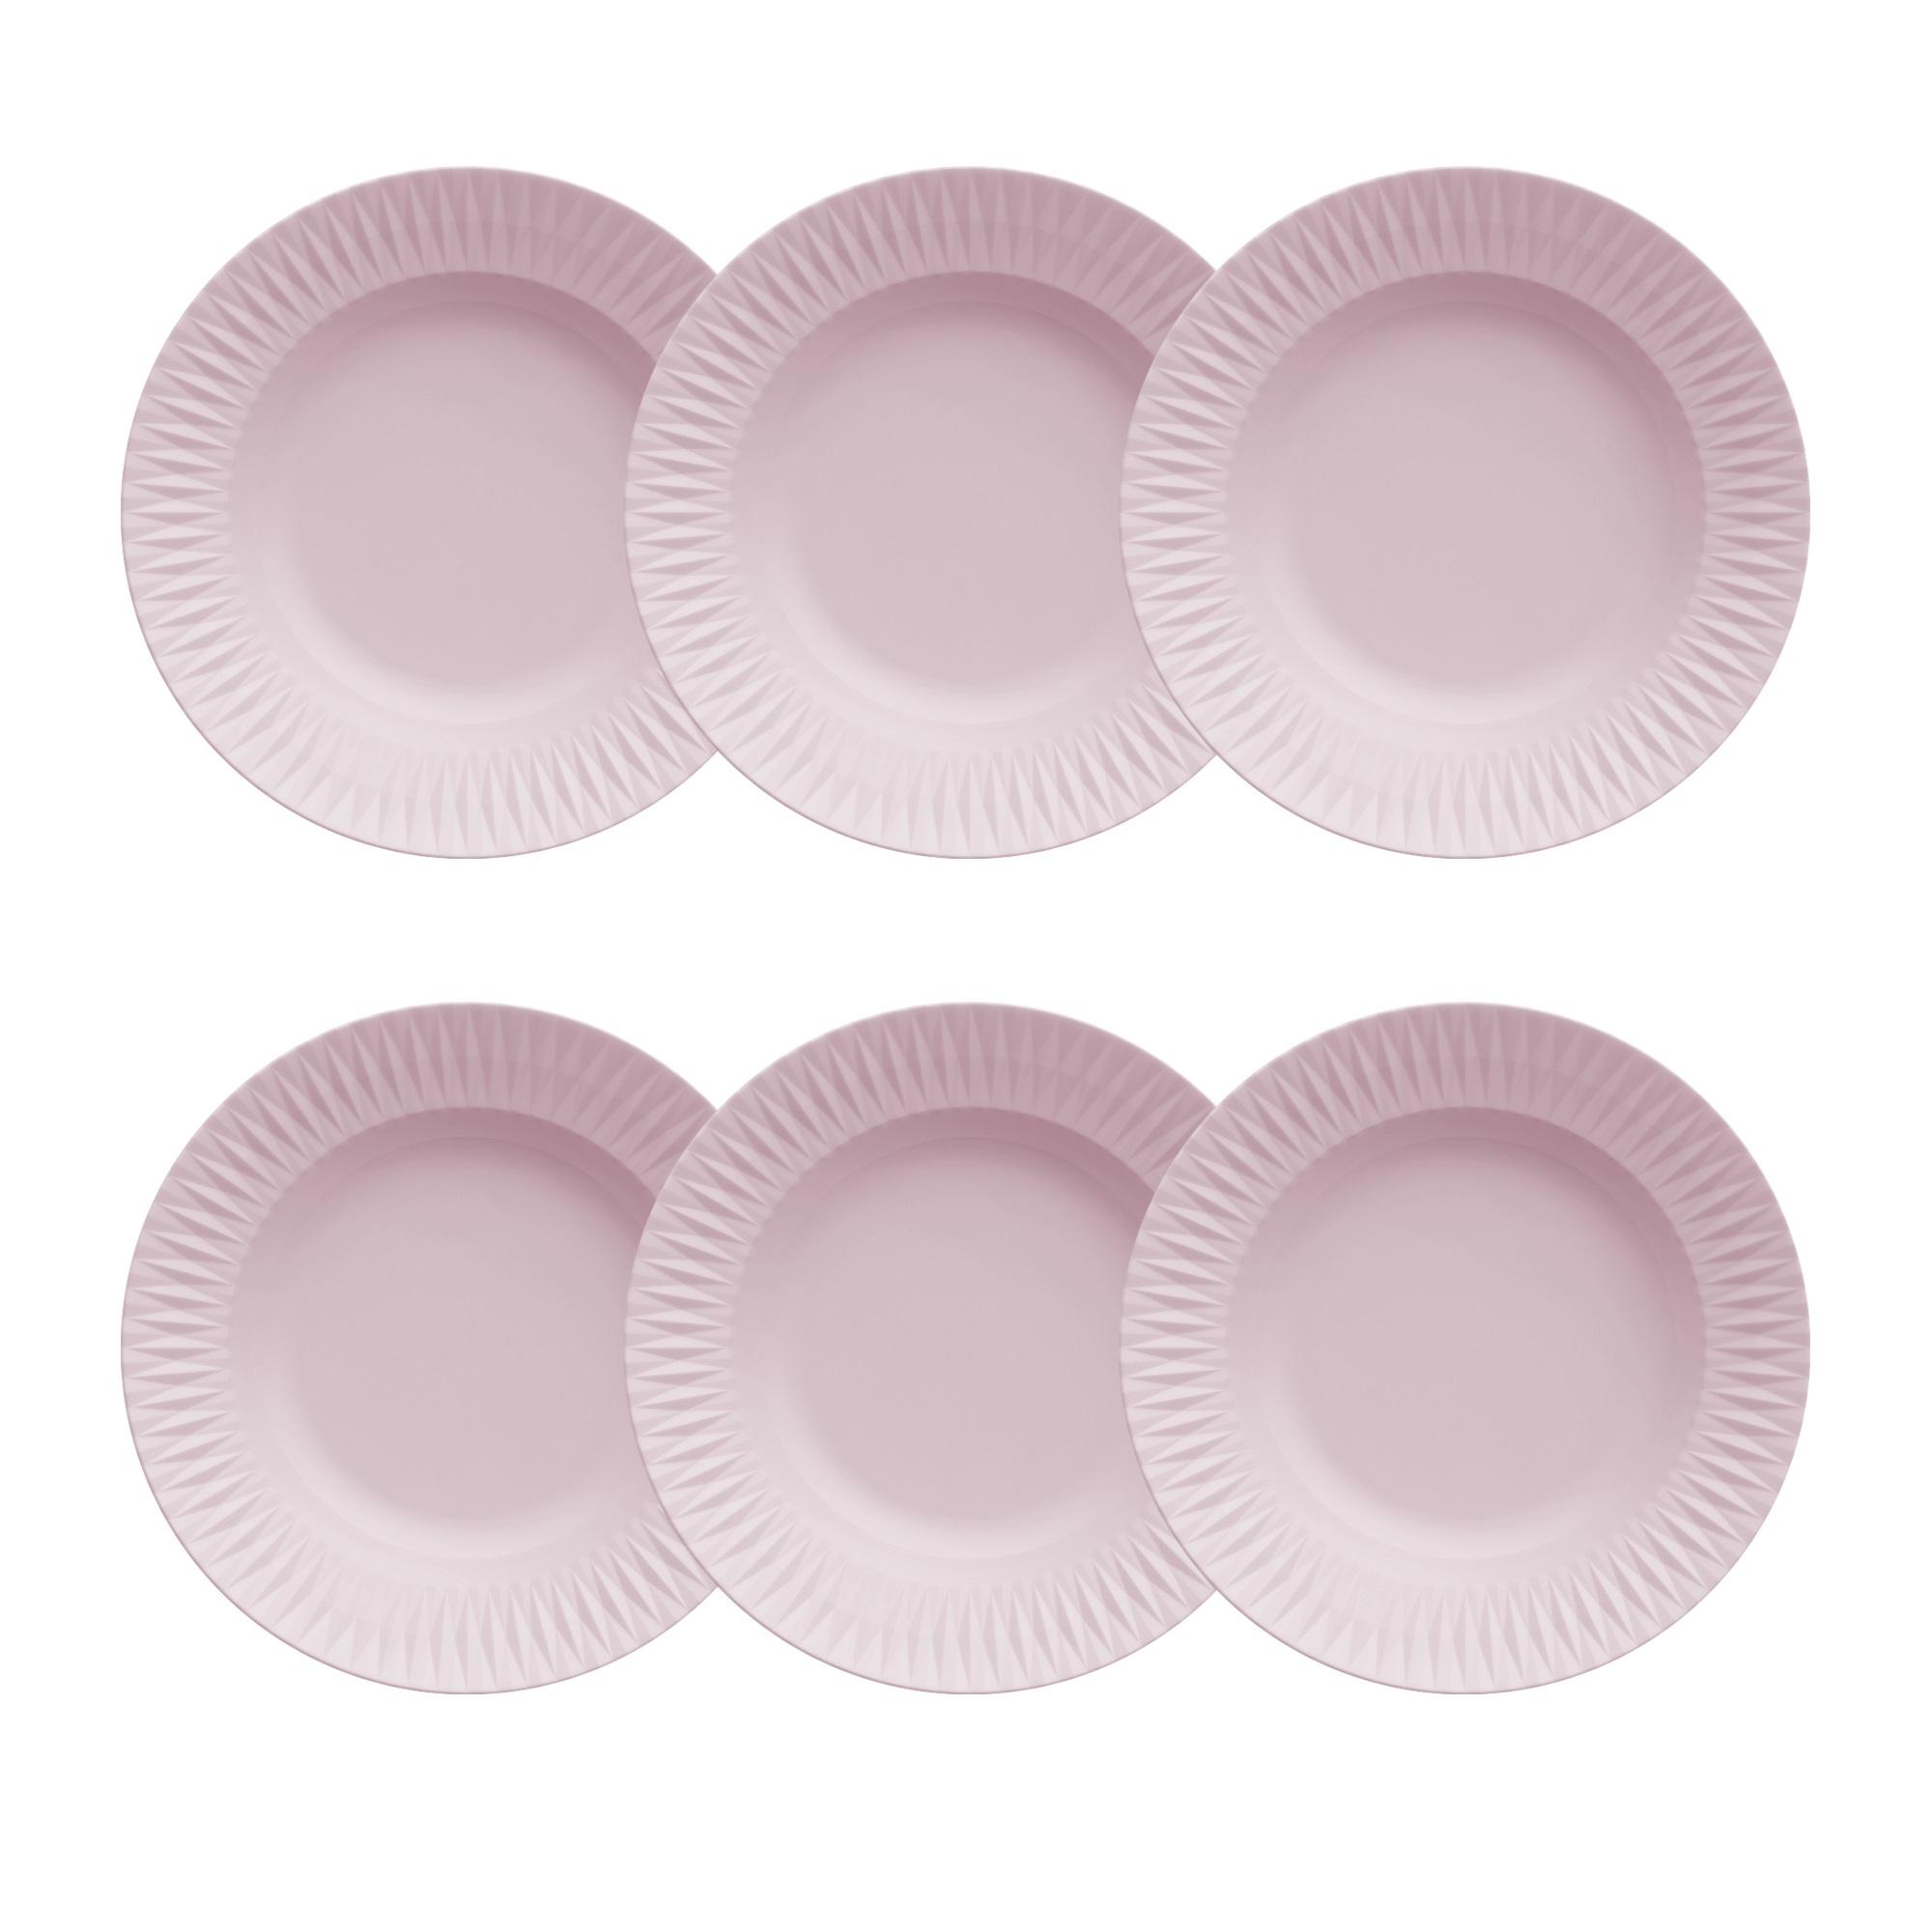 Jogo de 6 Pratos Fundos 23cm Rosa Fractal Diamante Germer Porcelanas